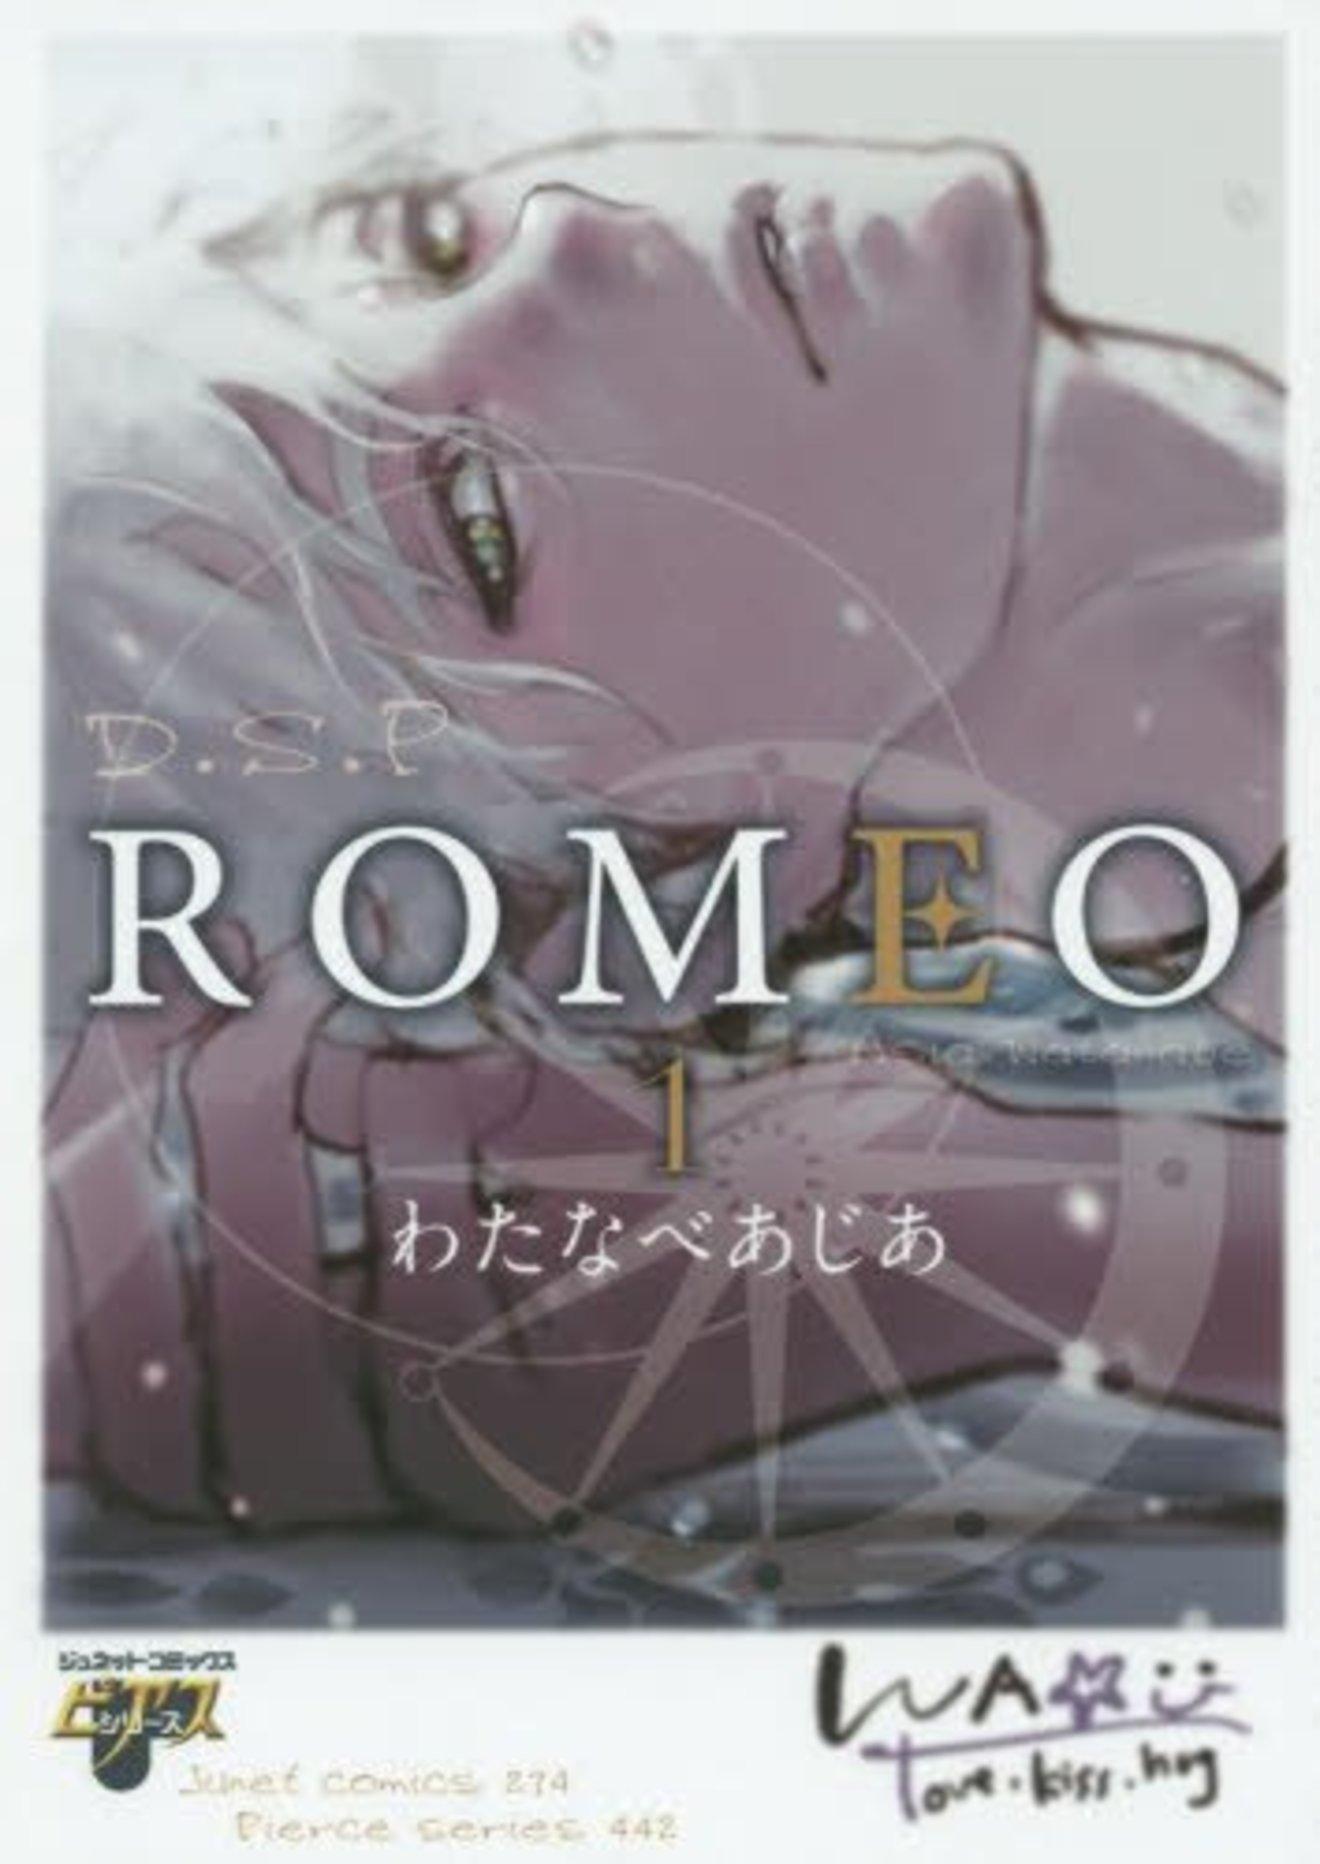 わたなべあじあのおすすめ漫画5選!人気BL作品『ROMEO』他